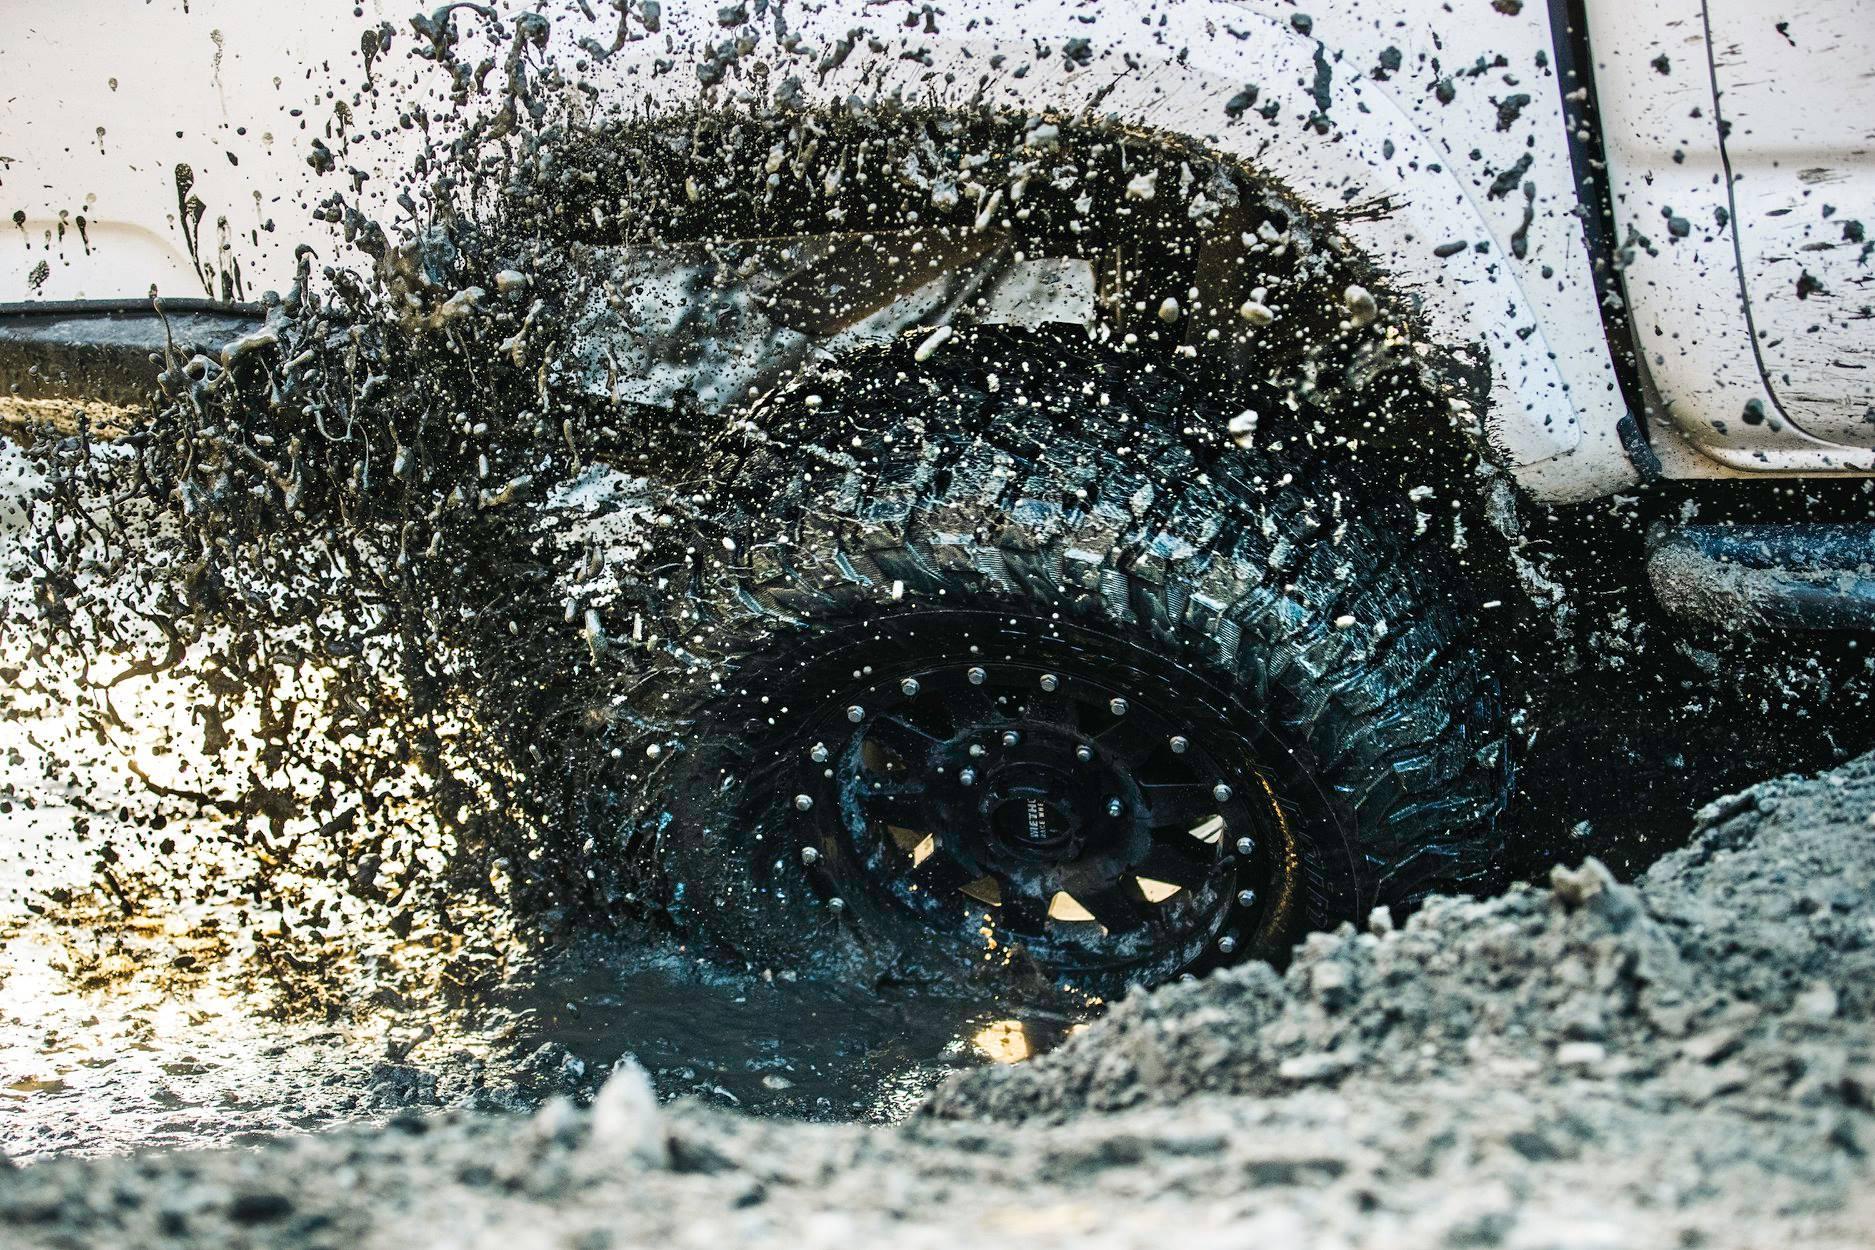 BF Goodrich Stuck in Mud Anchorage